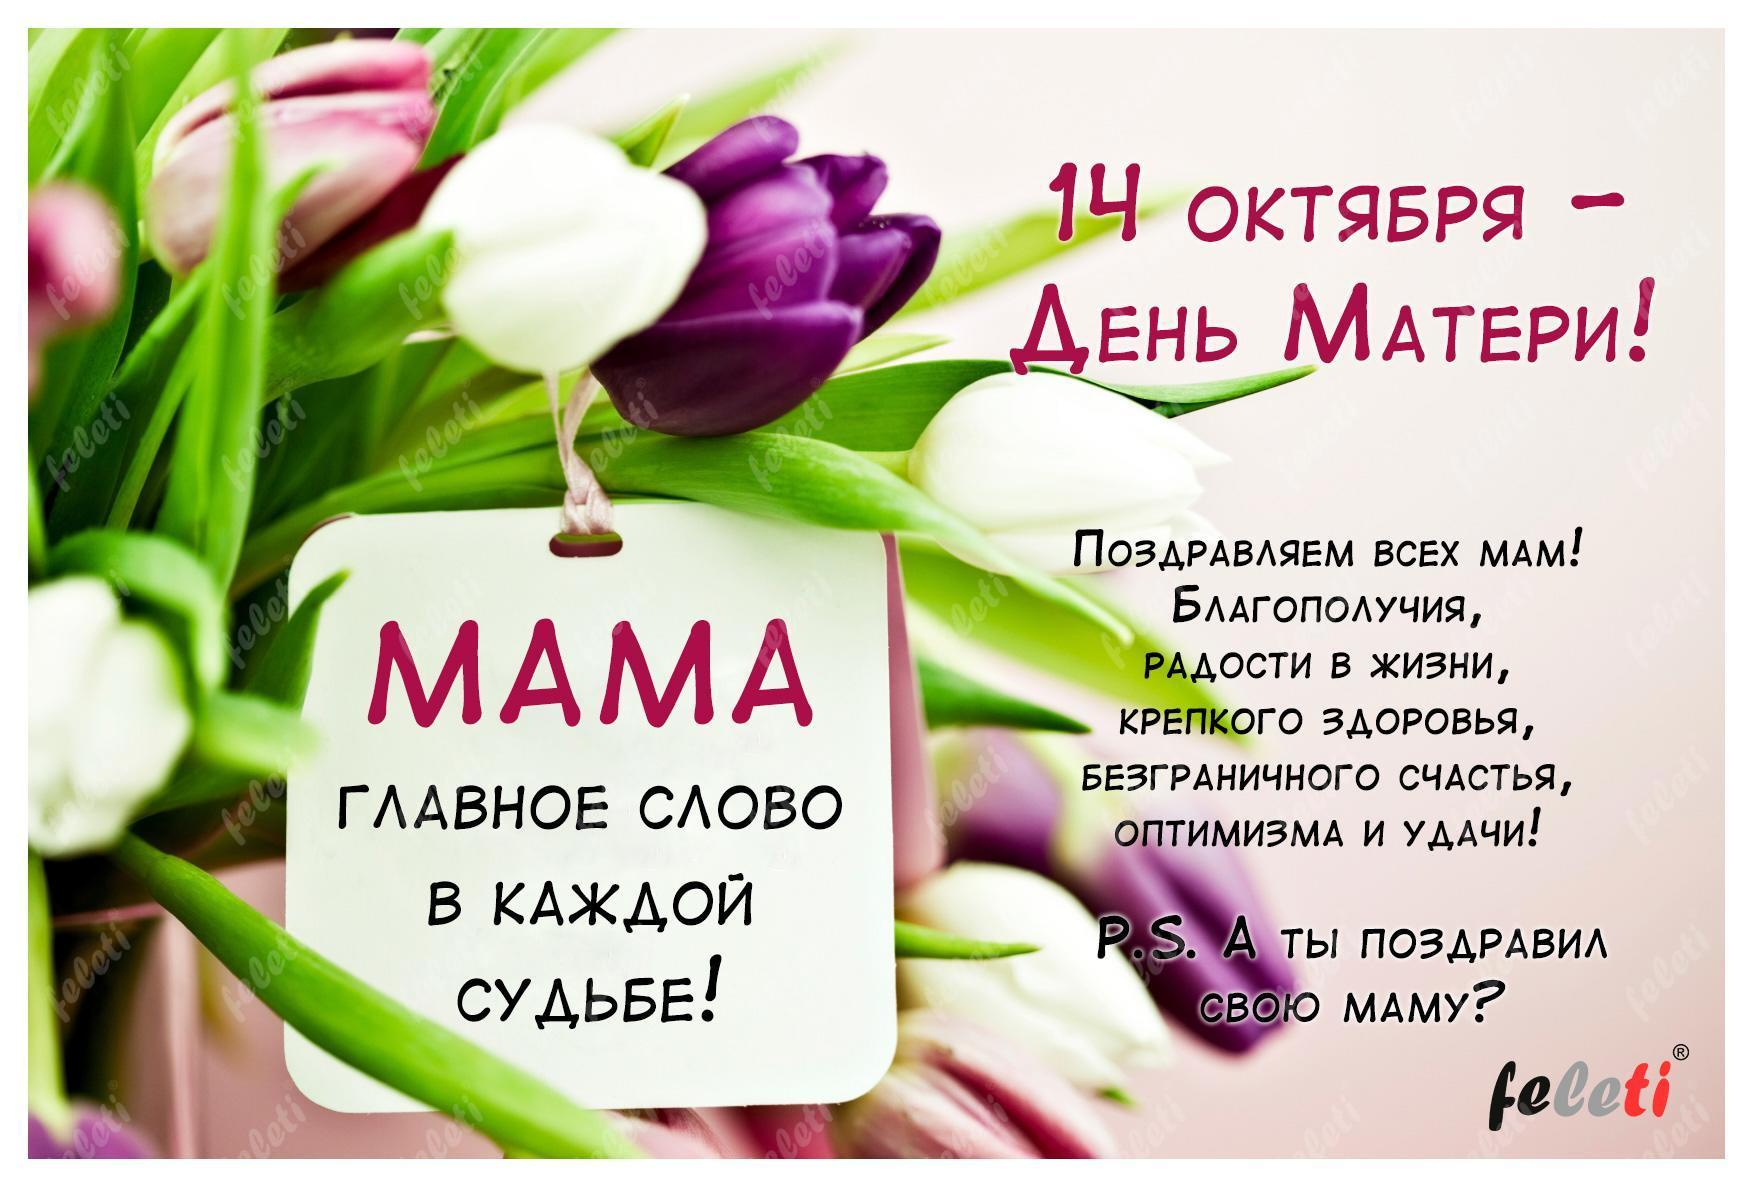 Поздравления с днем 14 октября